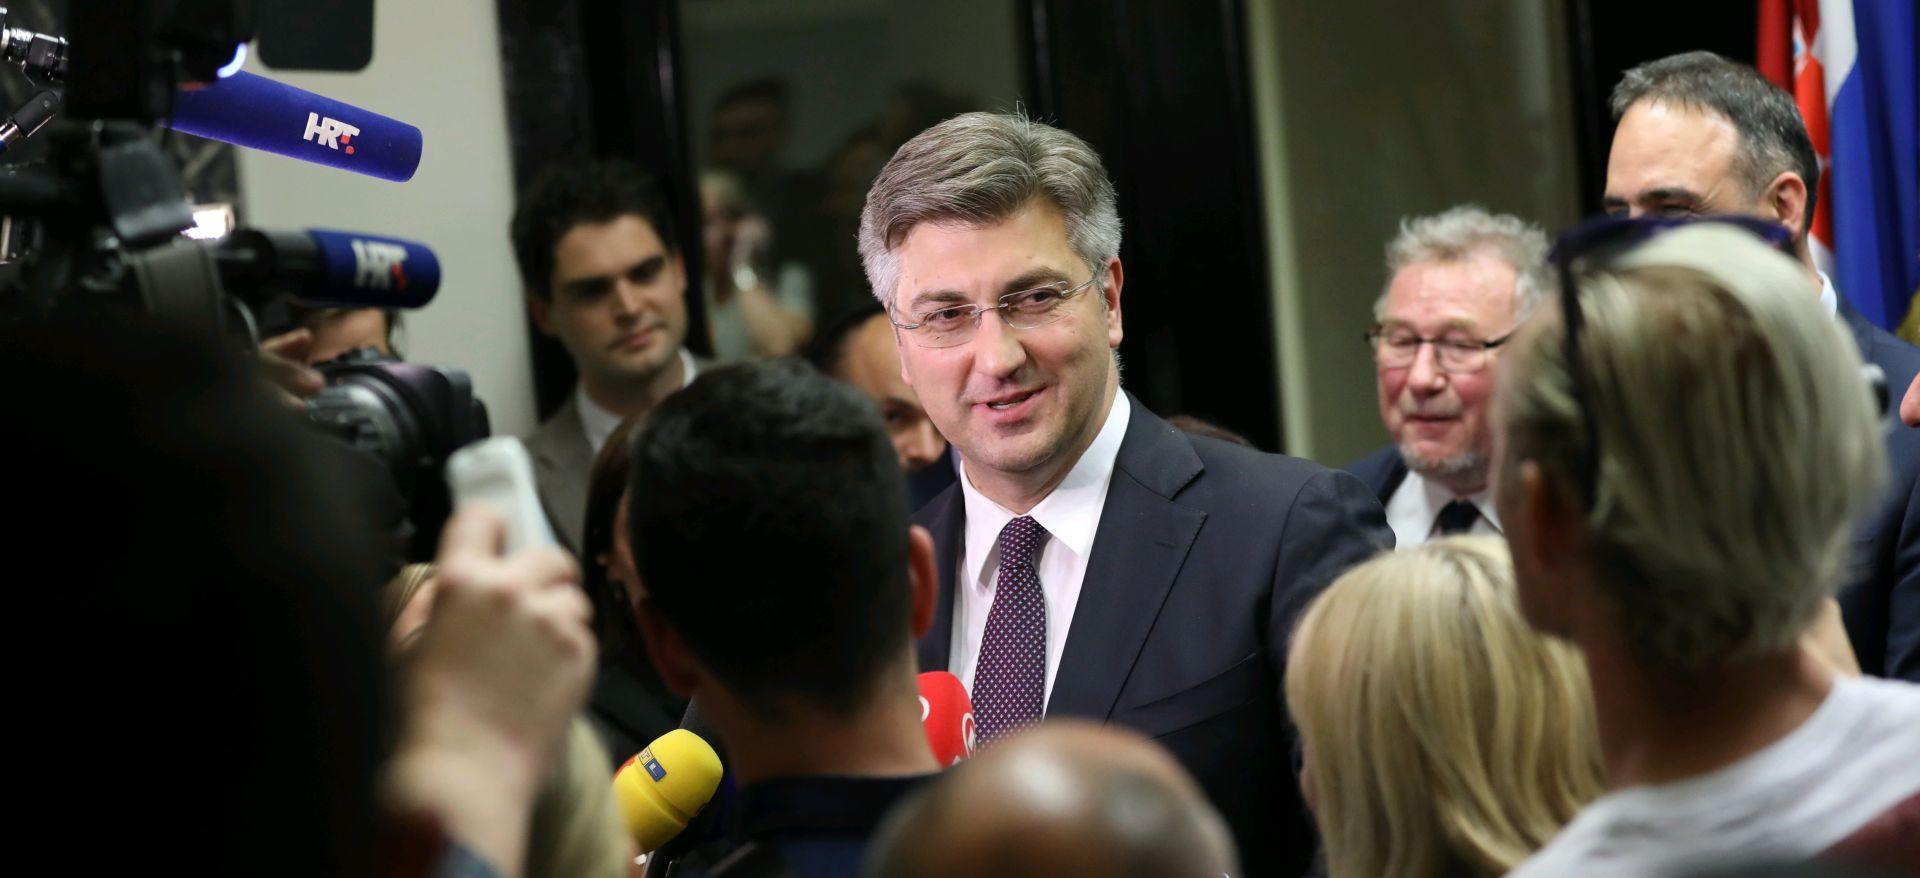 PLENKOVIĆ 'Imamo većinu za izbor novih ministara, važno je usmjeriti se na gospodarski rast i razvoj'